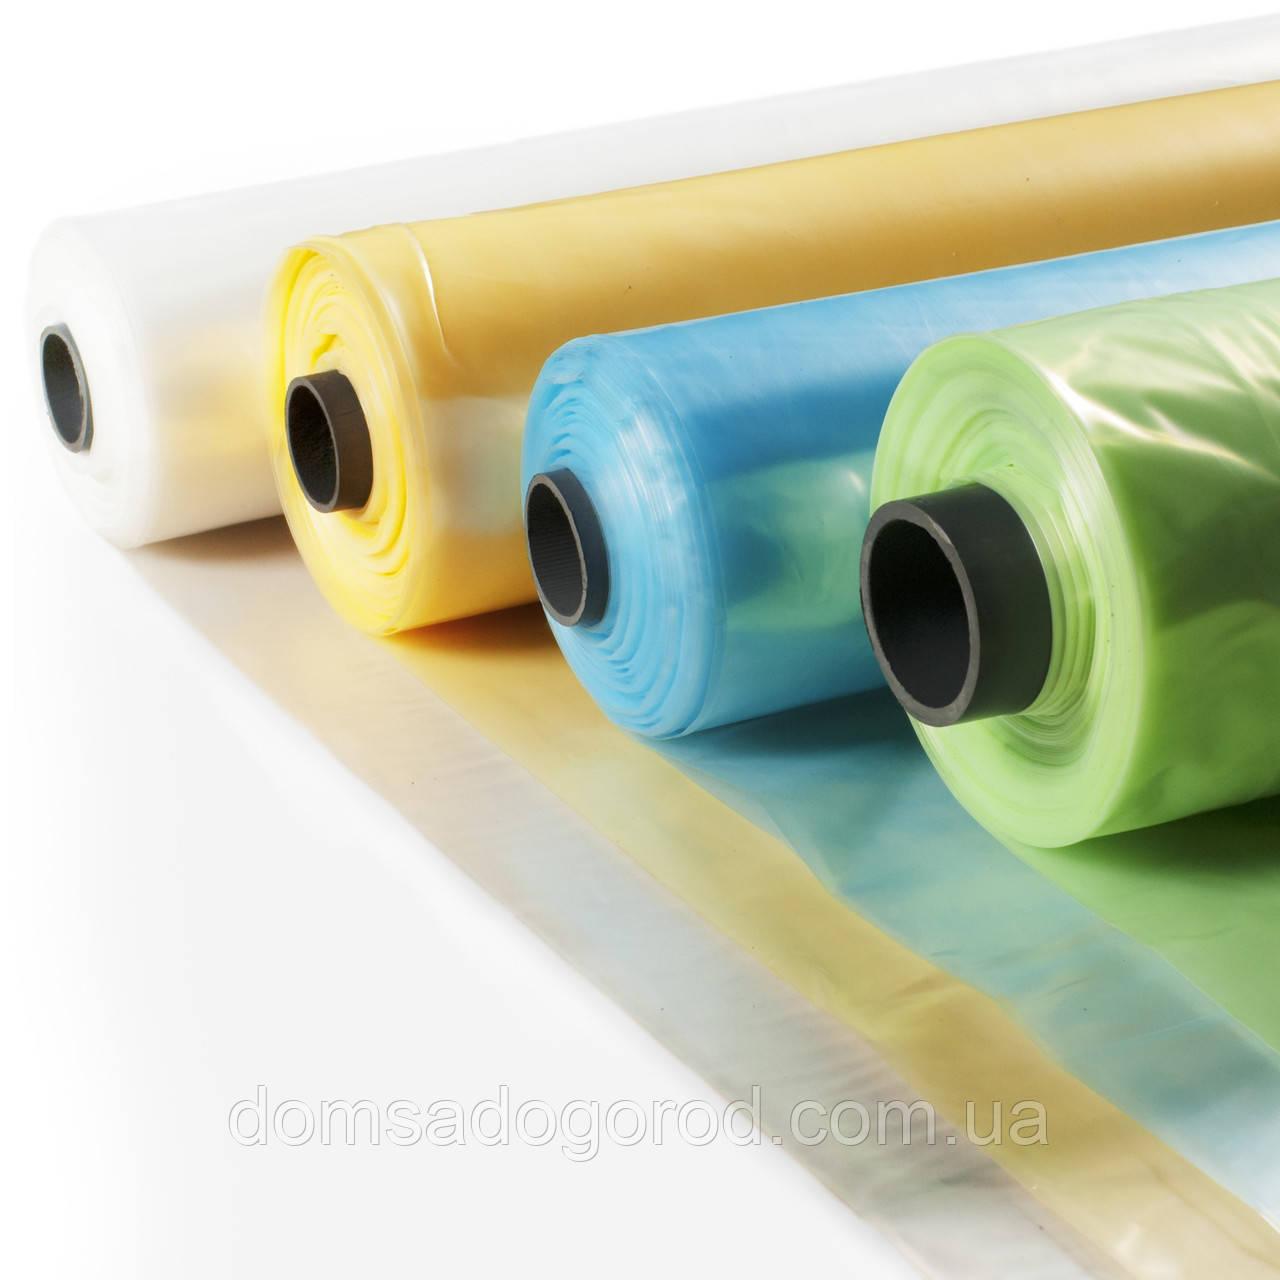 Пленка полиэтиленовая тепличная с противотуманным эффектом (анти роса) Пластмодерн 6000мм-150-мкм-33 м 36 мес.